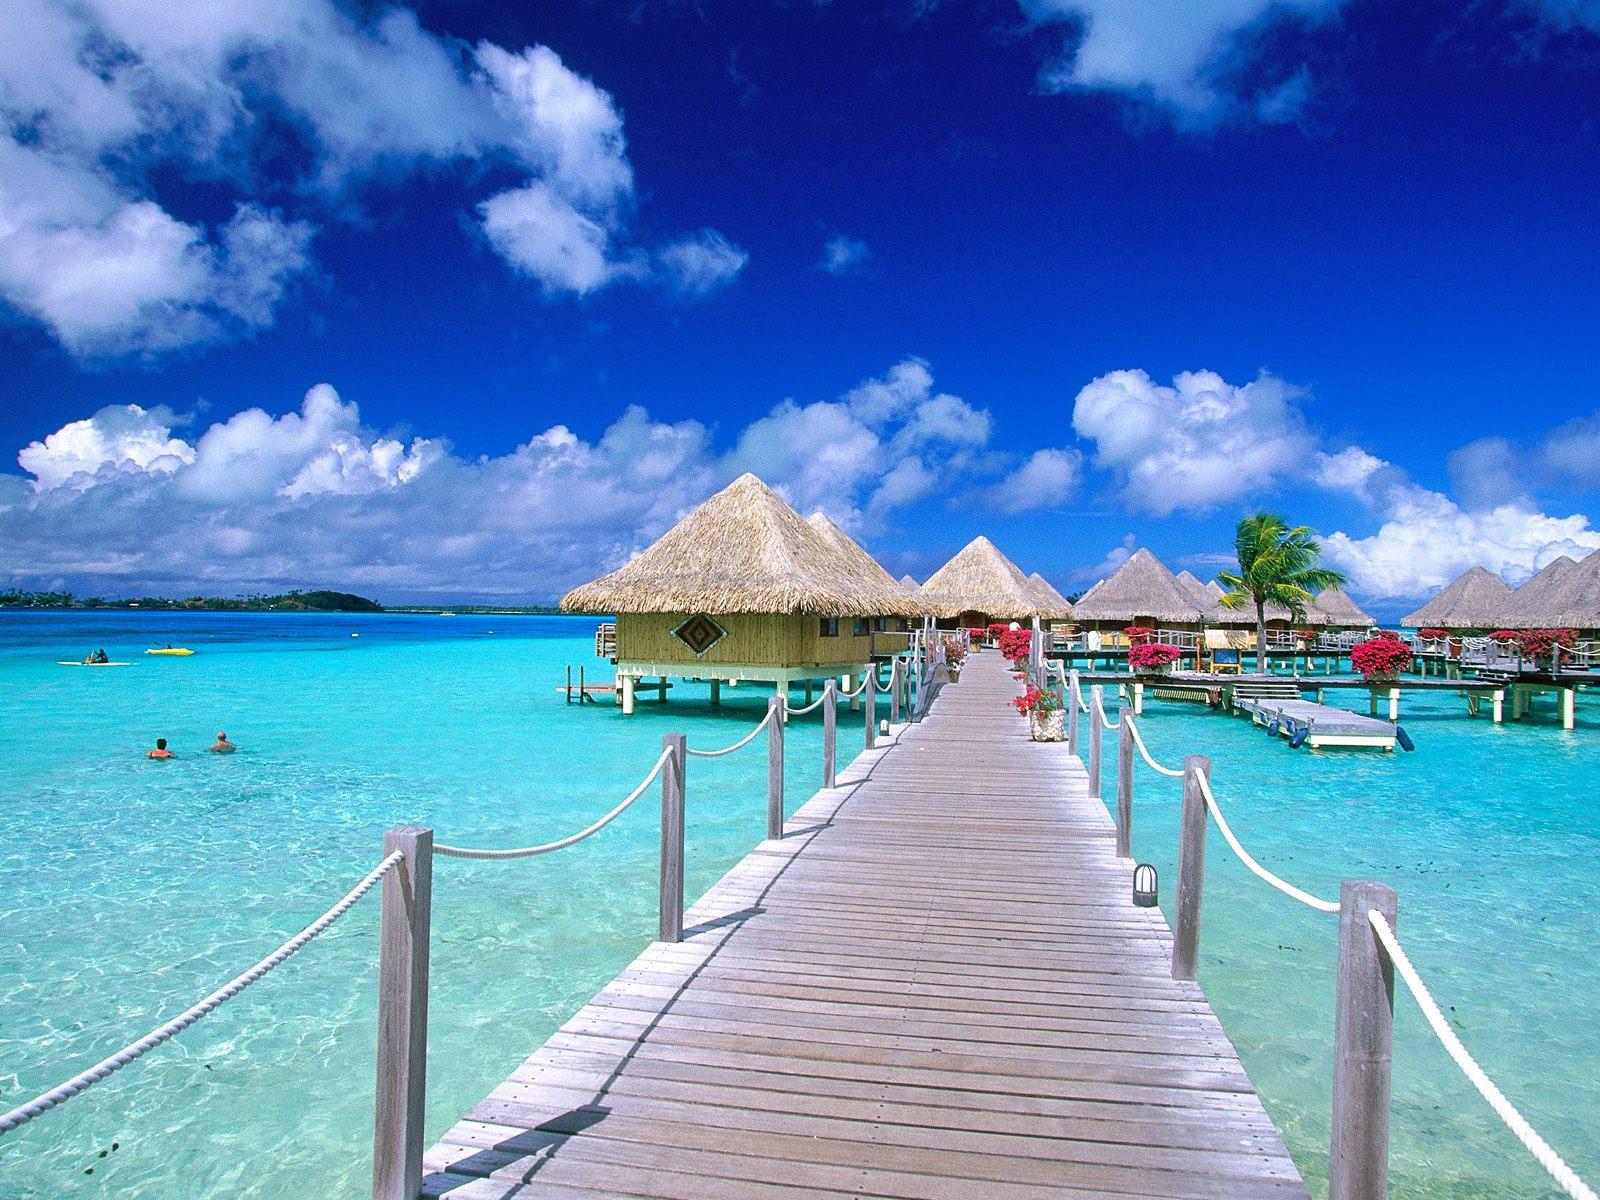 bora_bora_vacation_spot_french_polynesia